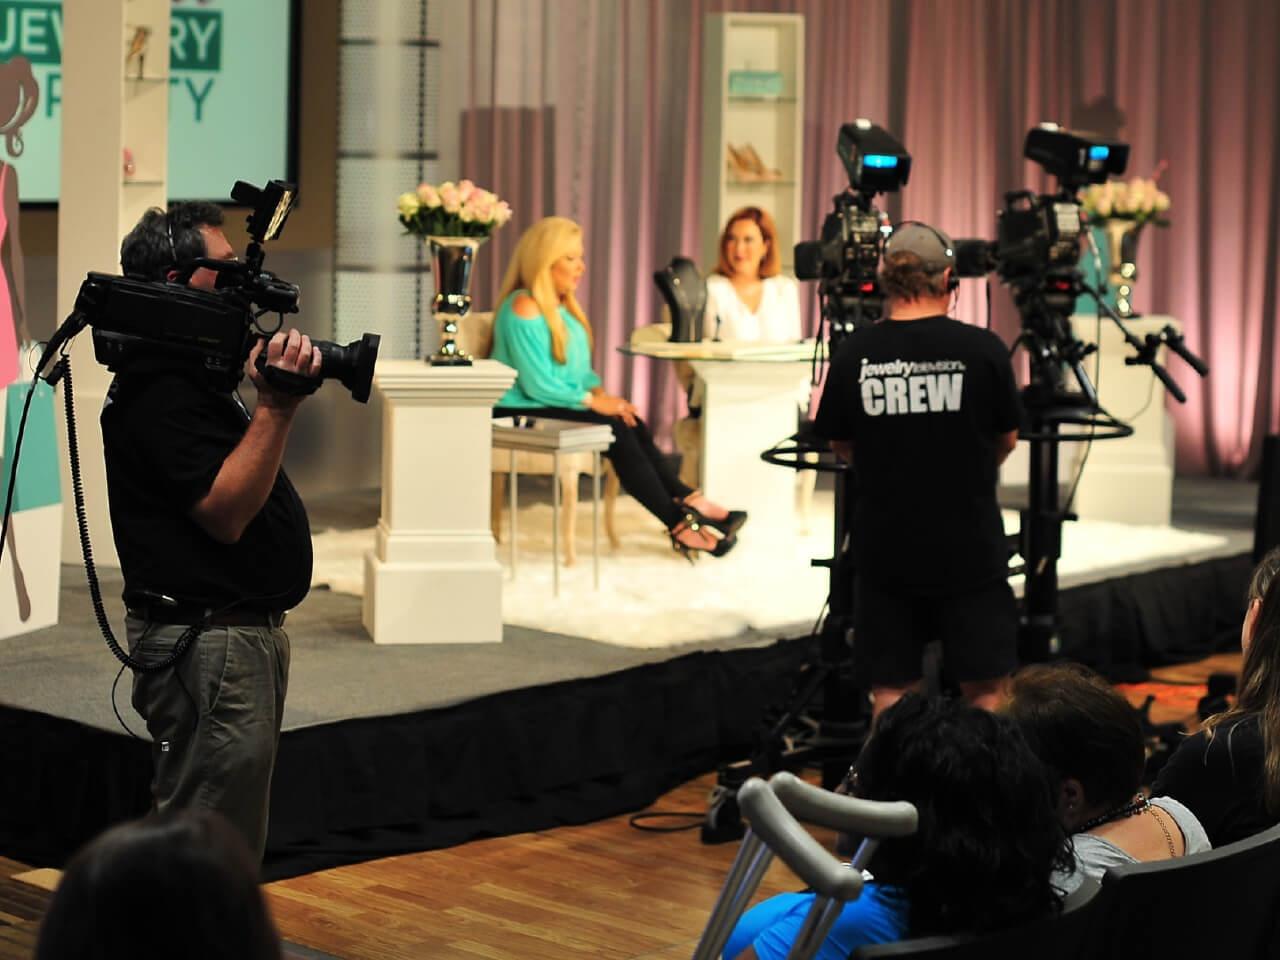 Hosts during a live JTV broadcast